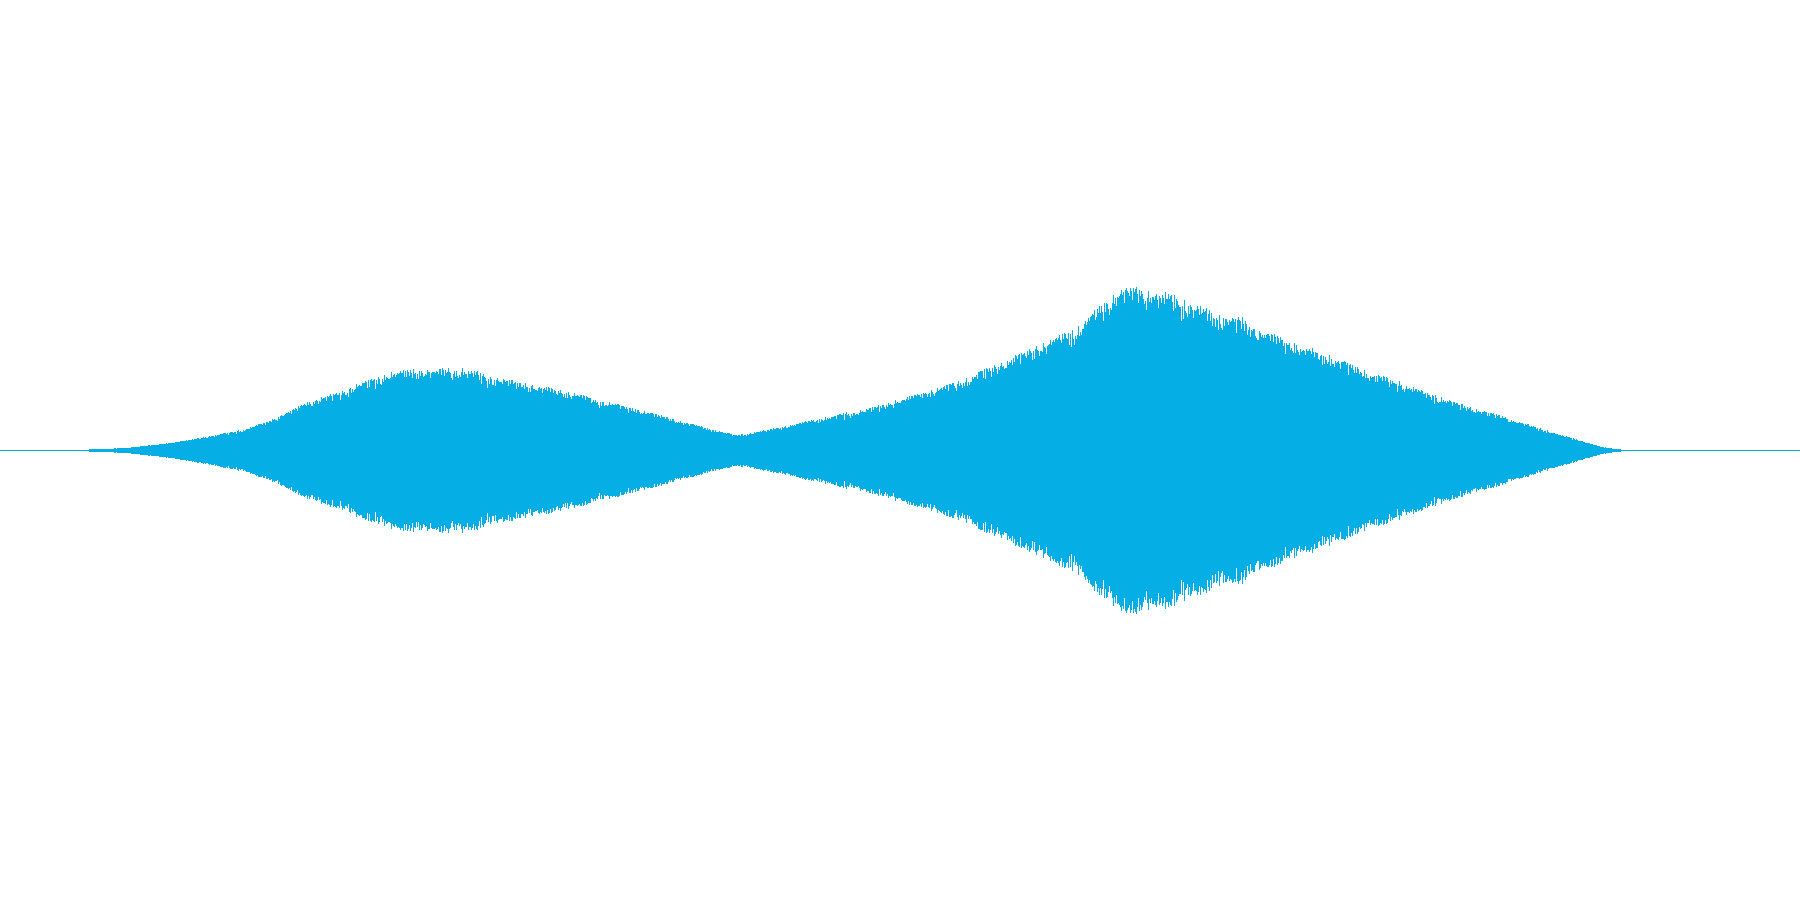 キーン(嫌な予感、虫の飛行音、ブーン)の再生済みの波形